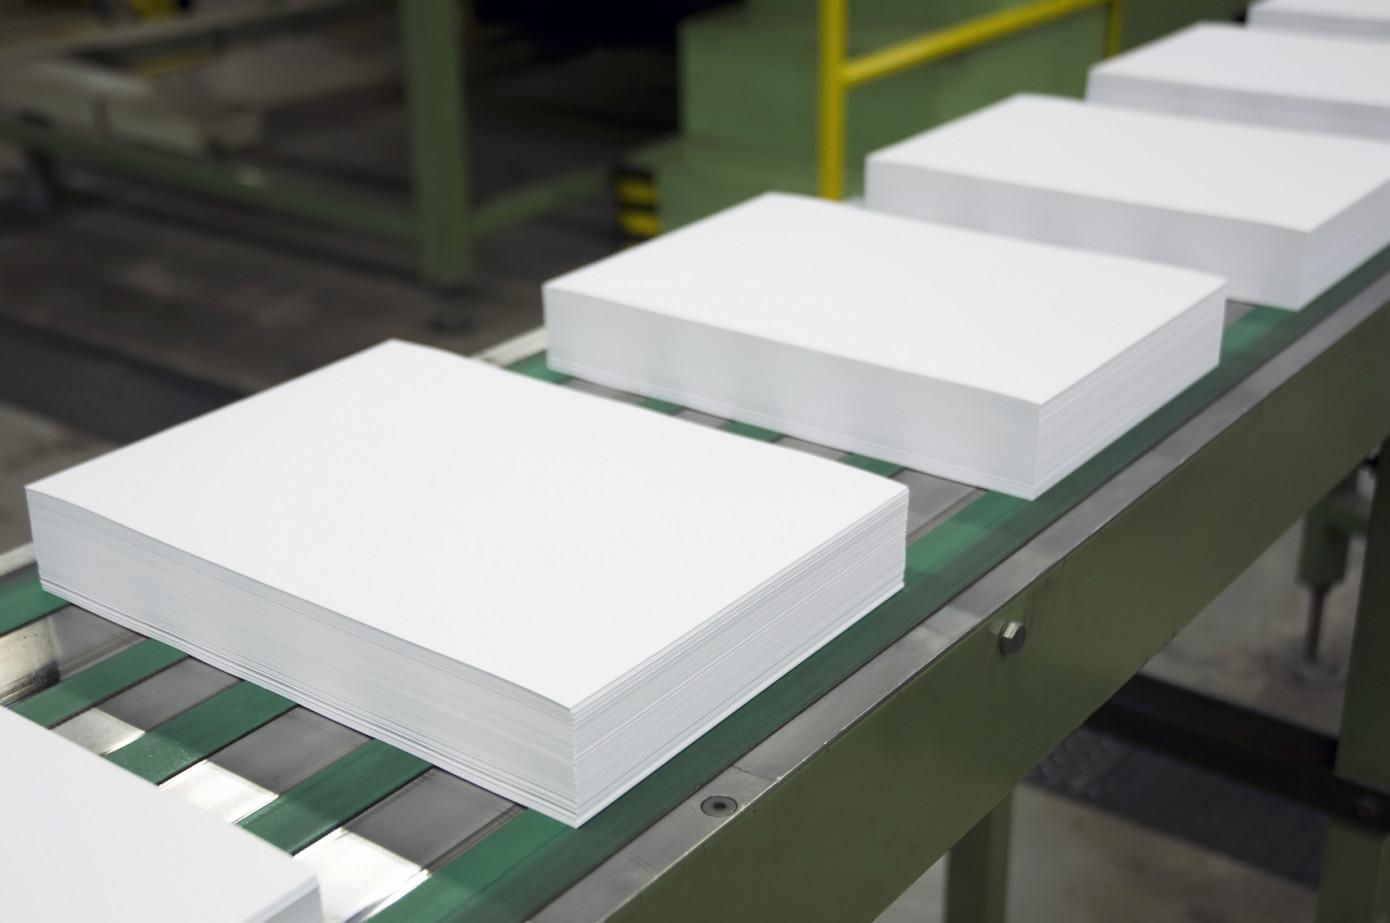 В июне 2020 г. поставки бумаги для печати и письма в США снизились на 25%